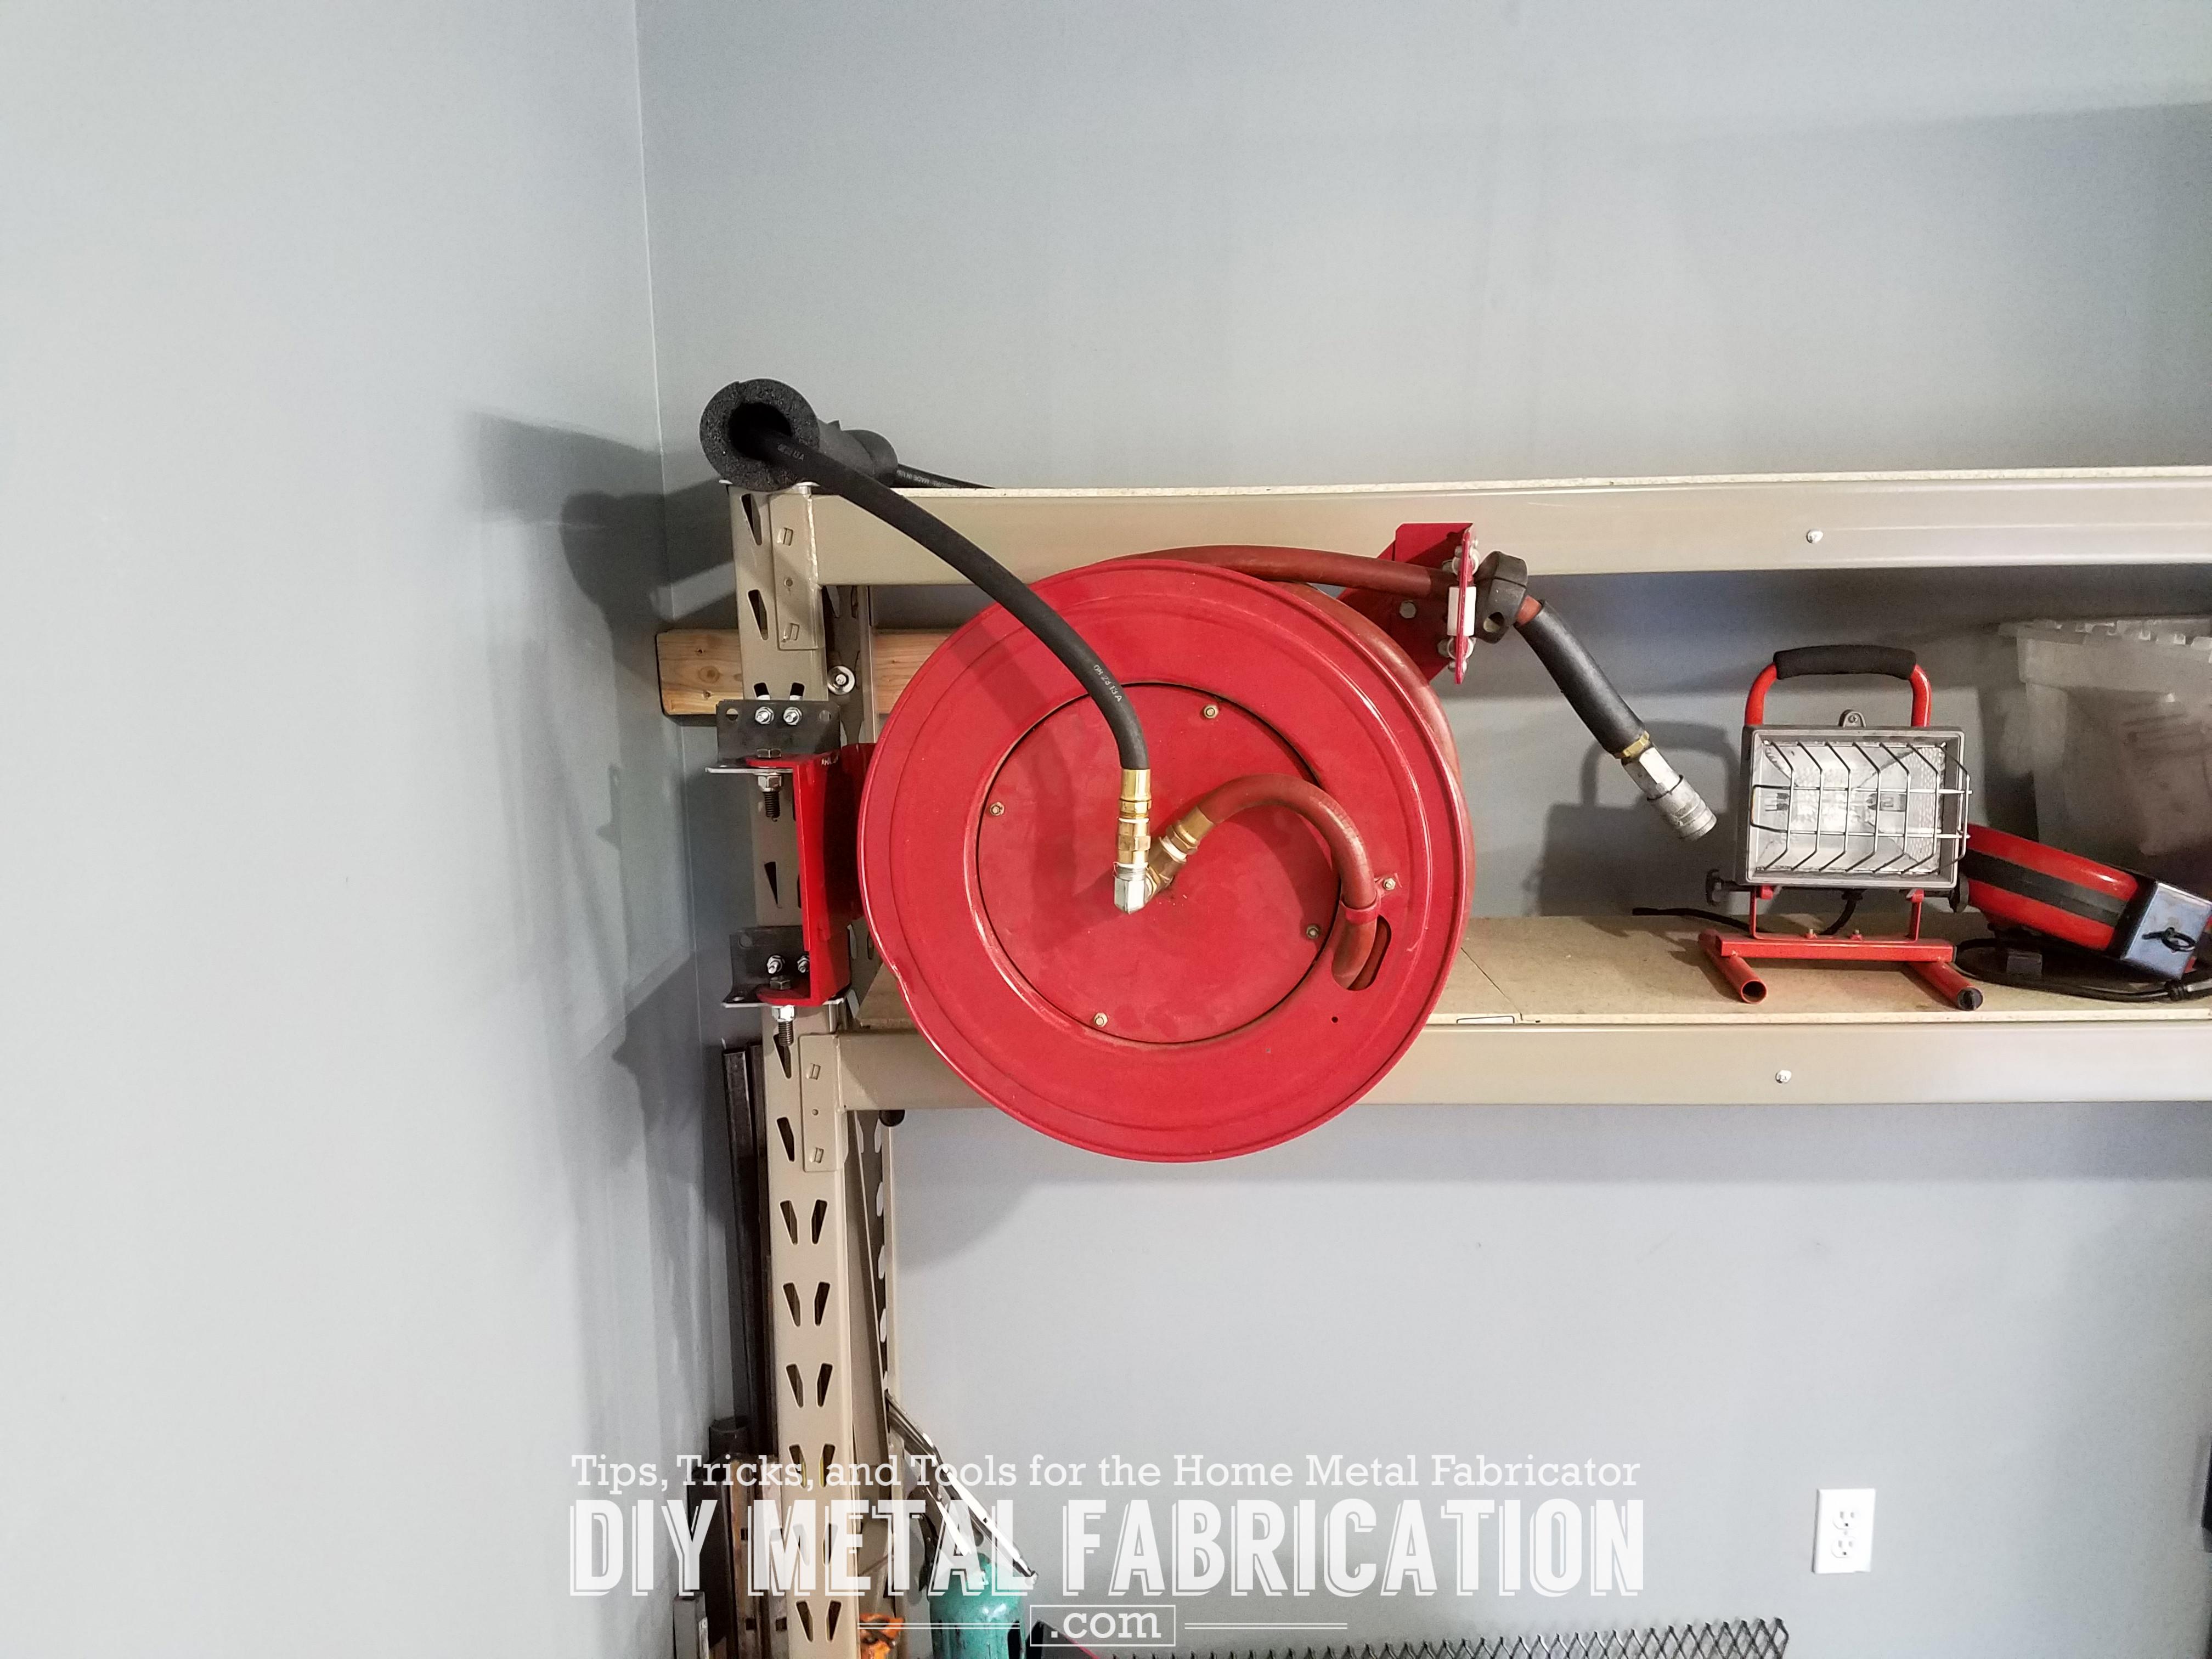 instructions for installing yardworks hose reel